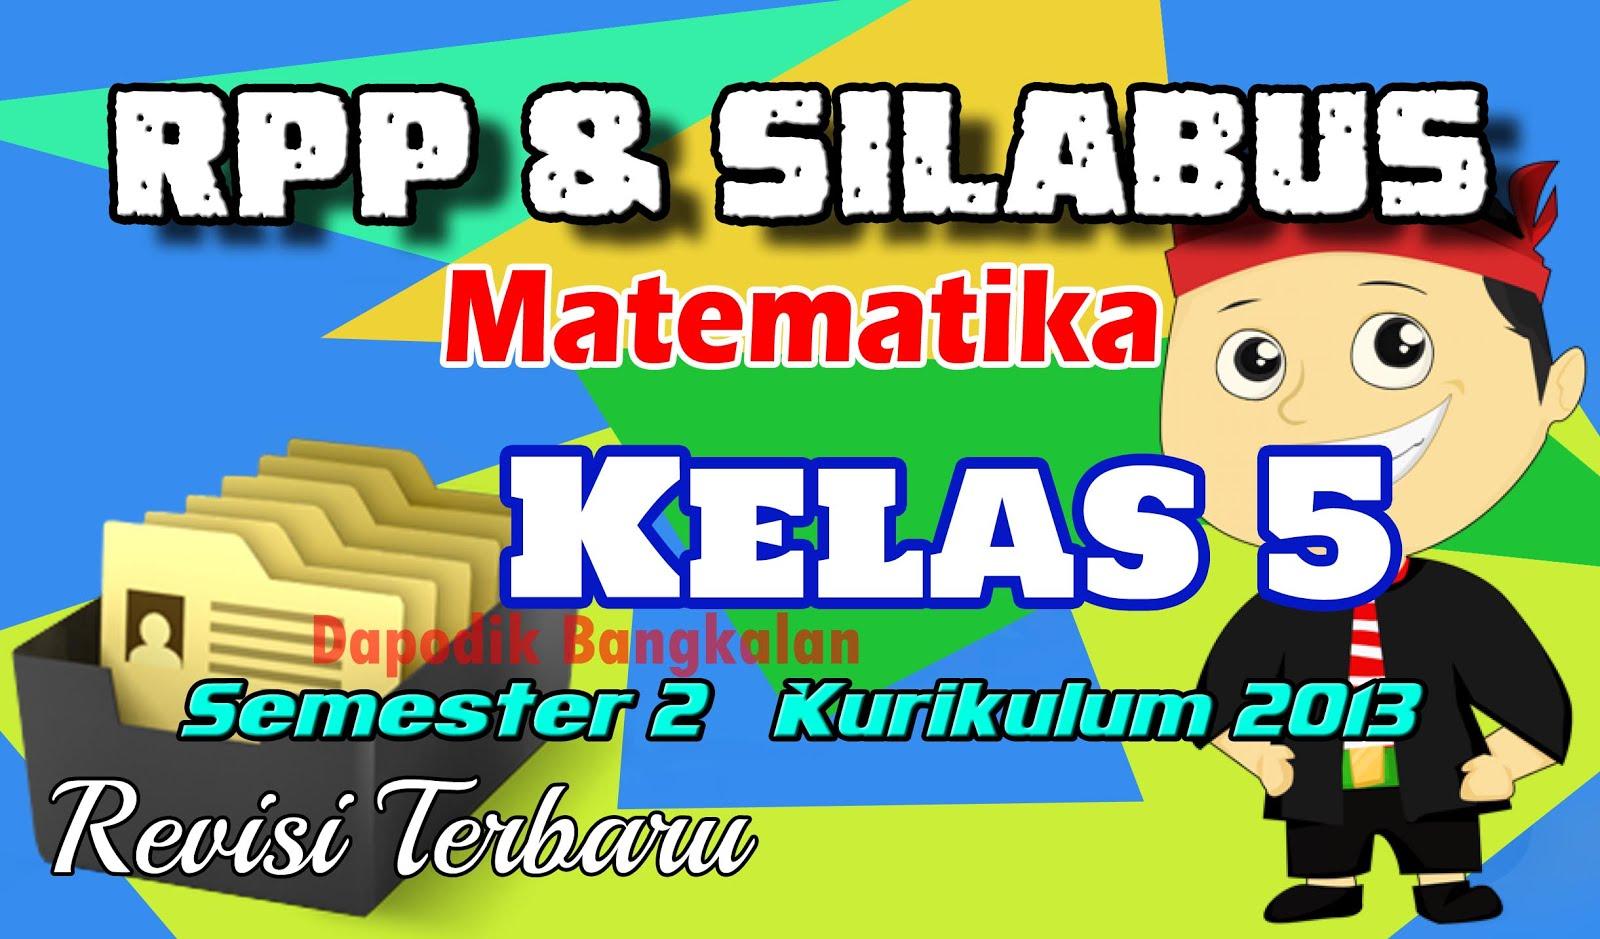 Rpp Dan Silabus Matematika Kelas 5 Semester 2 Kurikulum 2013 Revisi 2017 Dapodikbangkalan Xyz